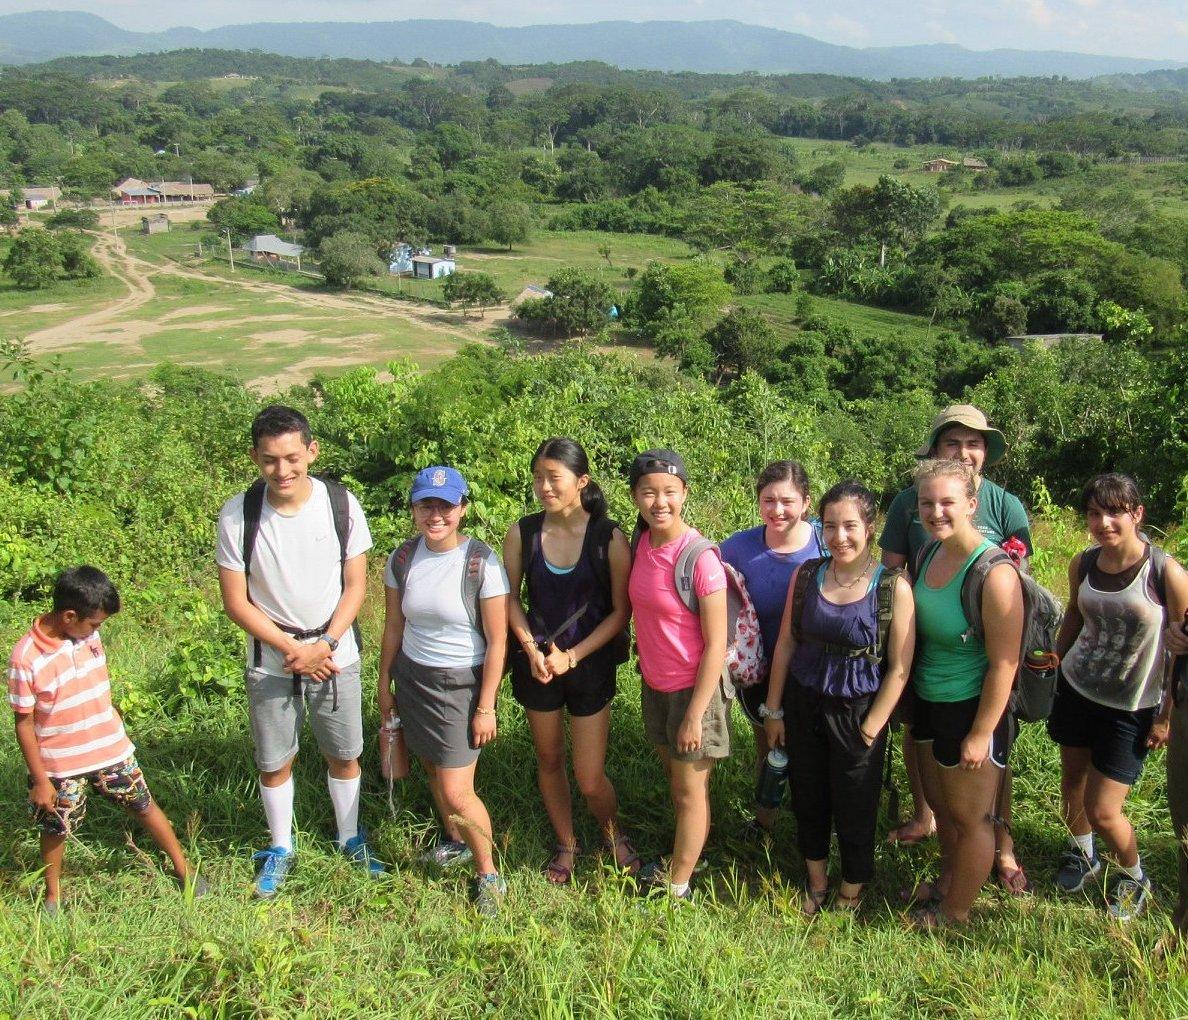 De Lakeside School a Pichilín: lecciones de paz en los Montes de María